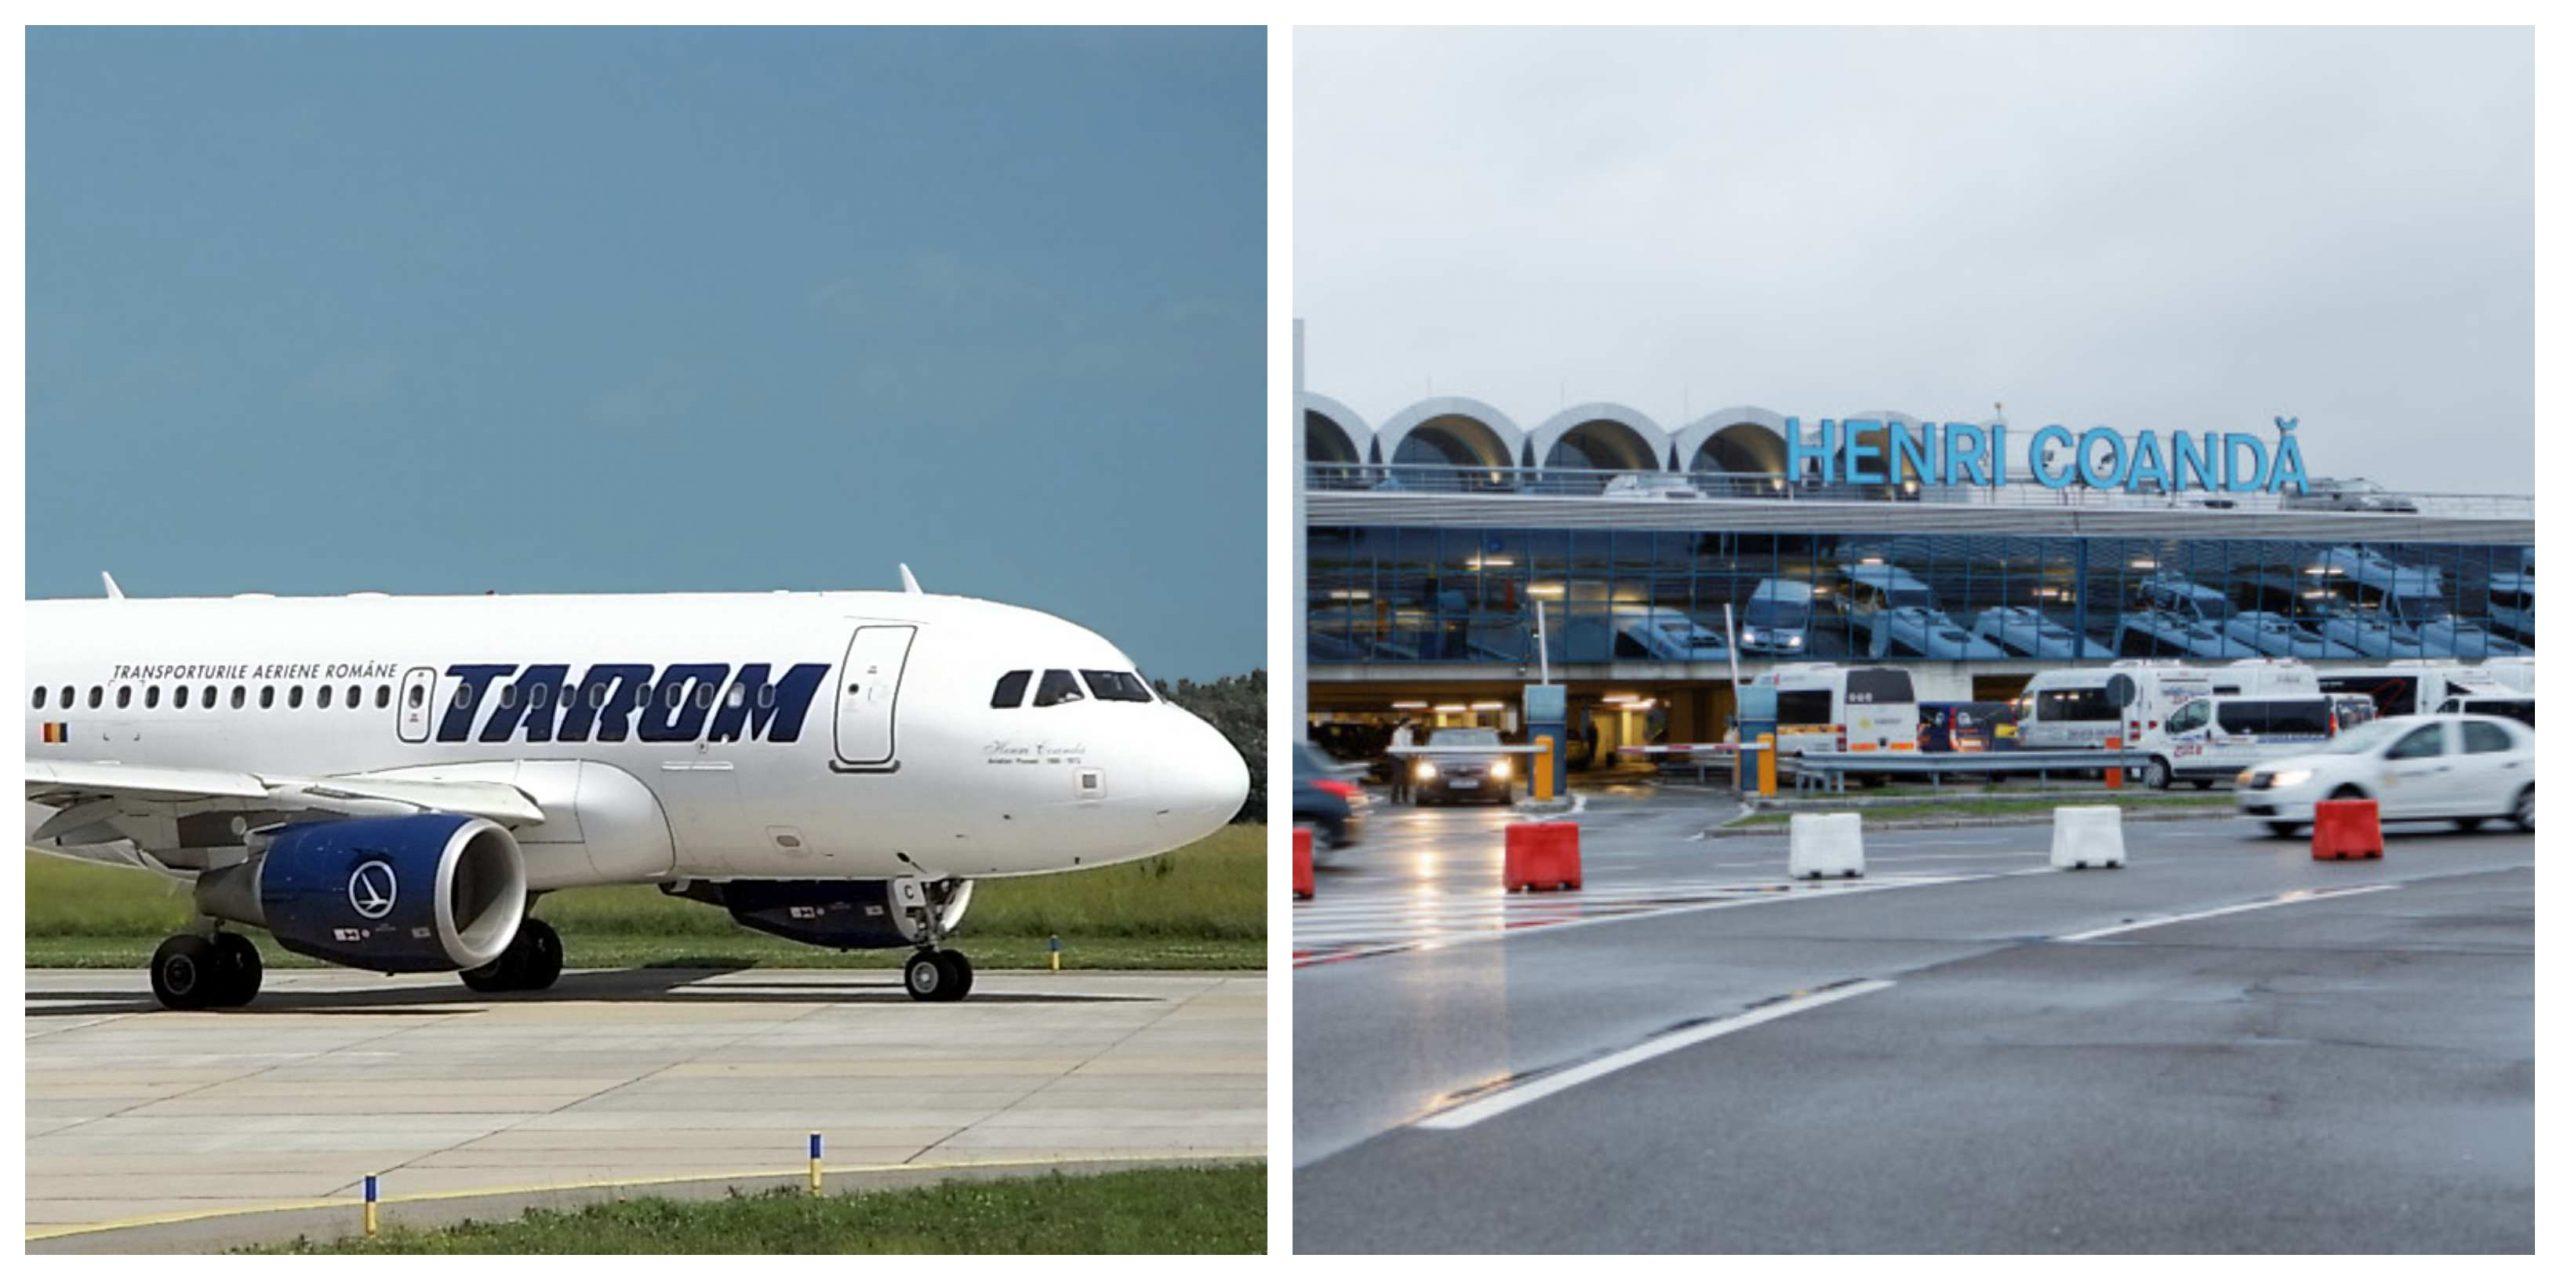 Alertă pe Aeroportul Otopeni! Un avion TAROM cu aproximativ 200 de pasageri a aterizat de urgență